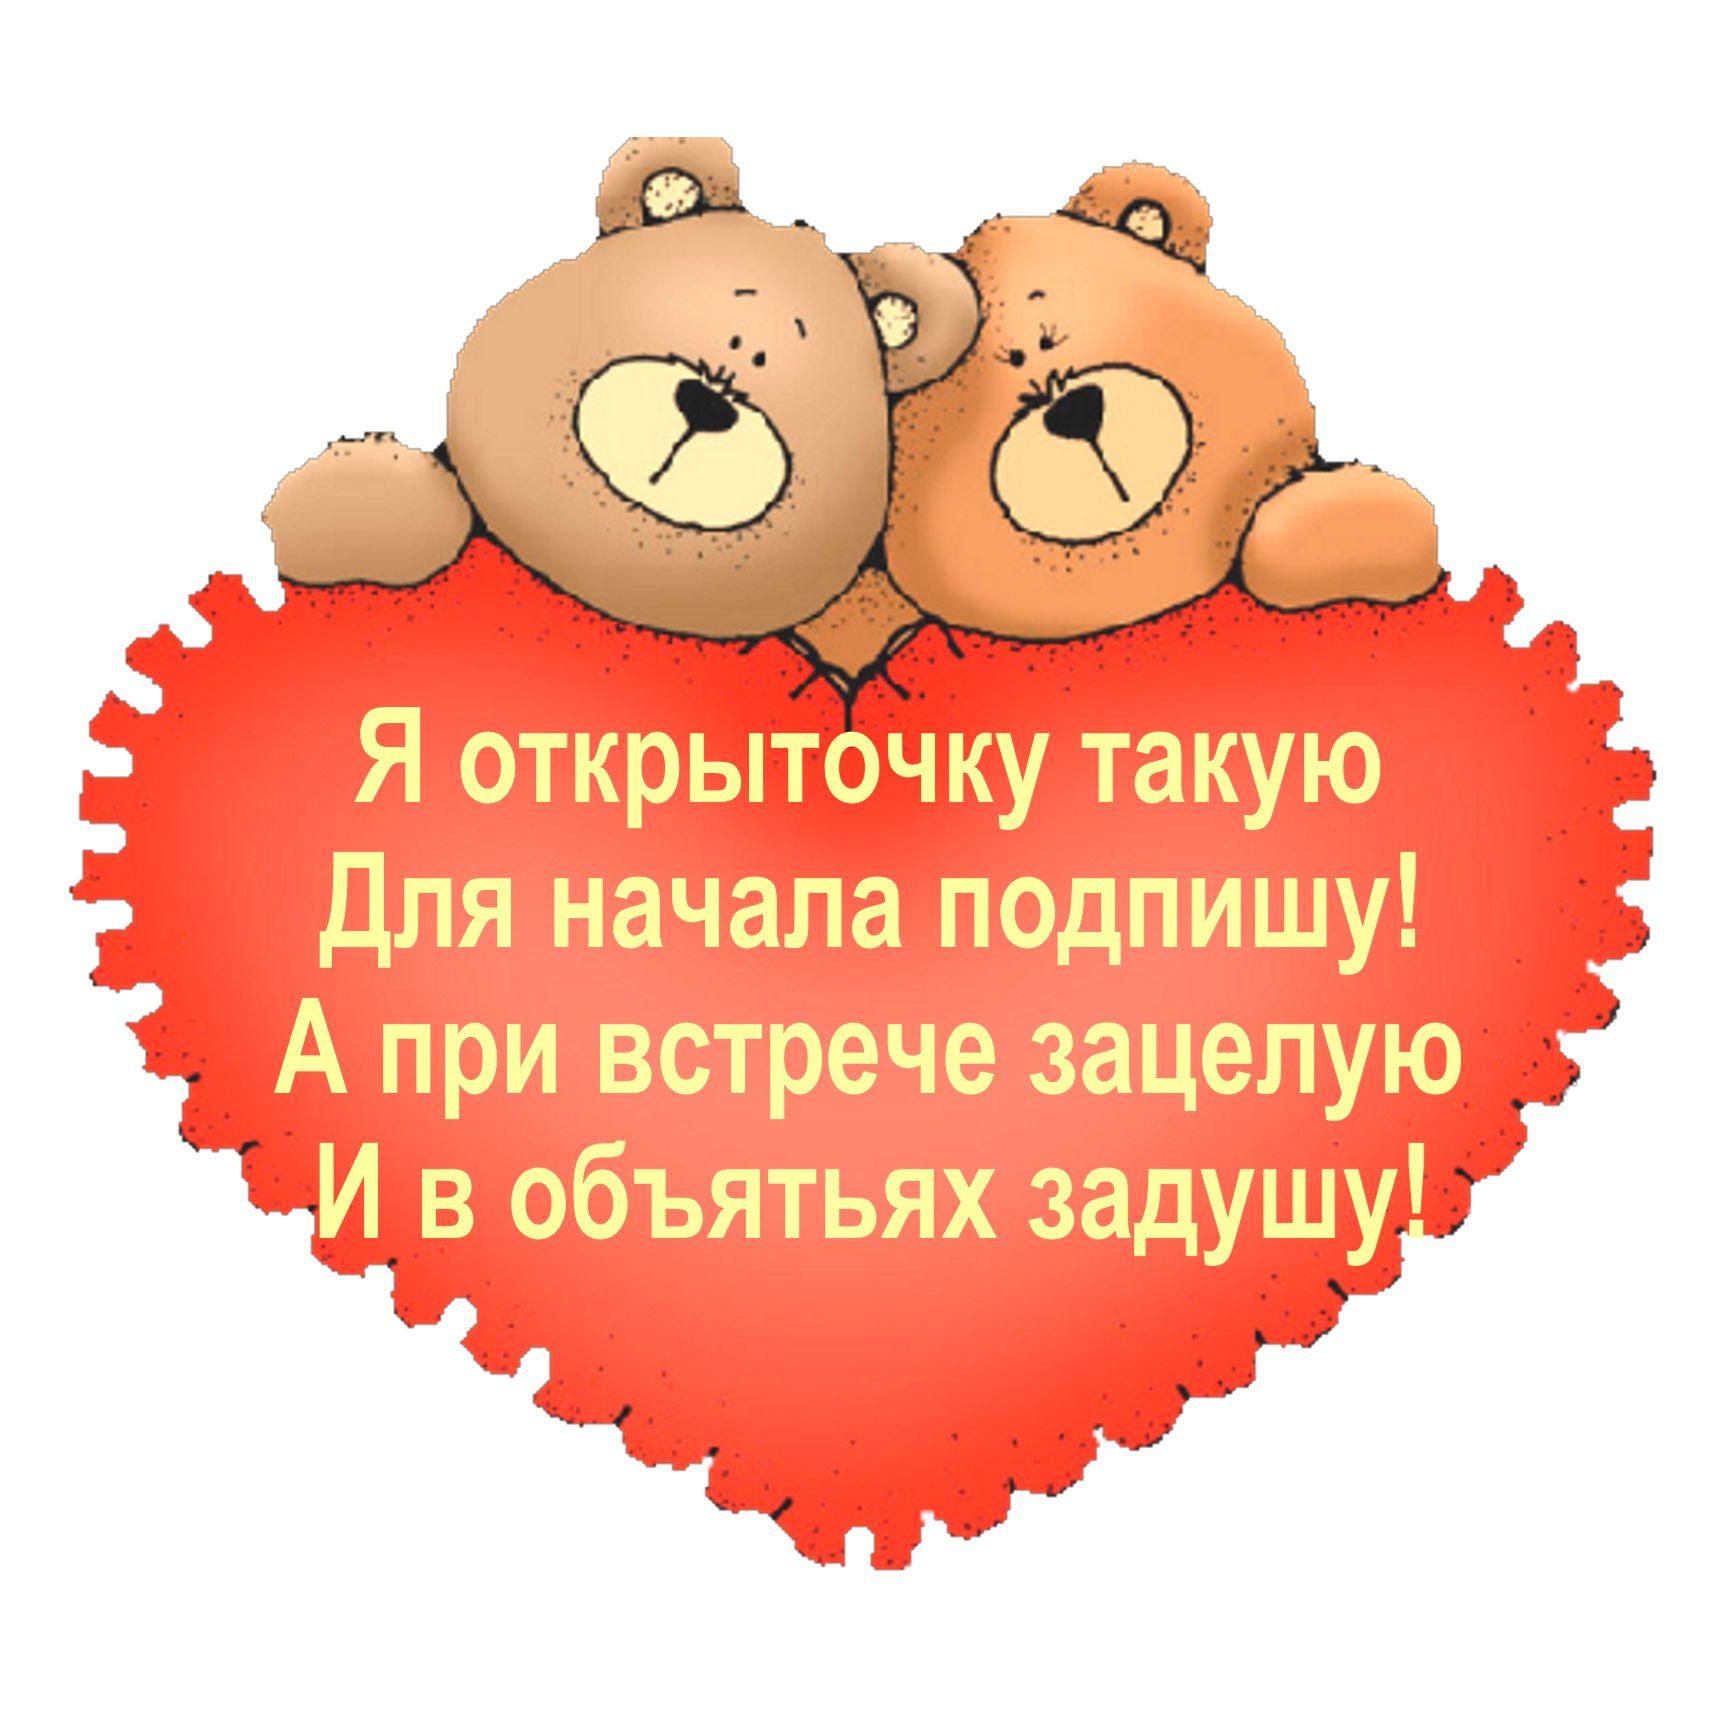 14 февраля открытки с поздравлением, шашлыки картинки